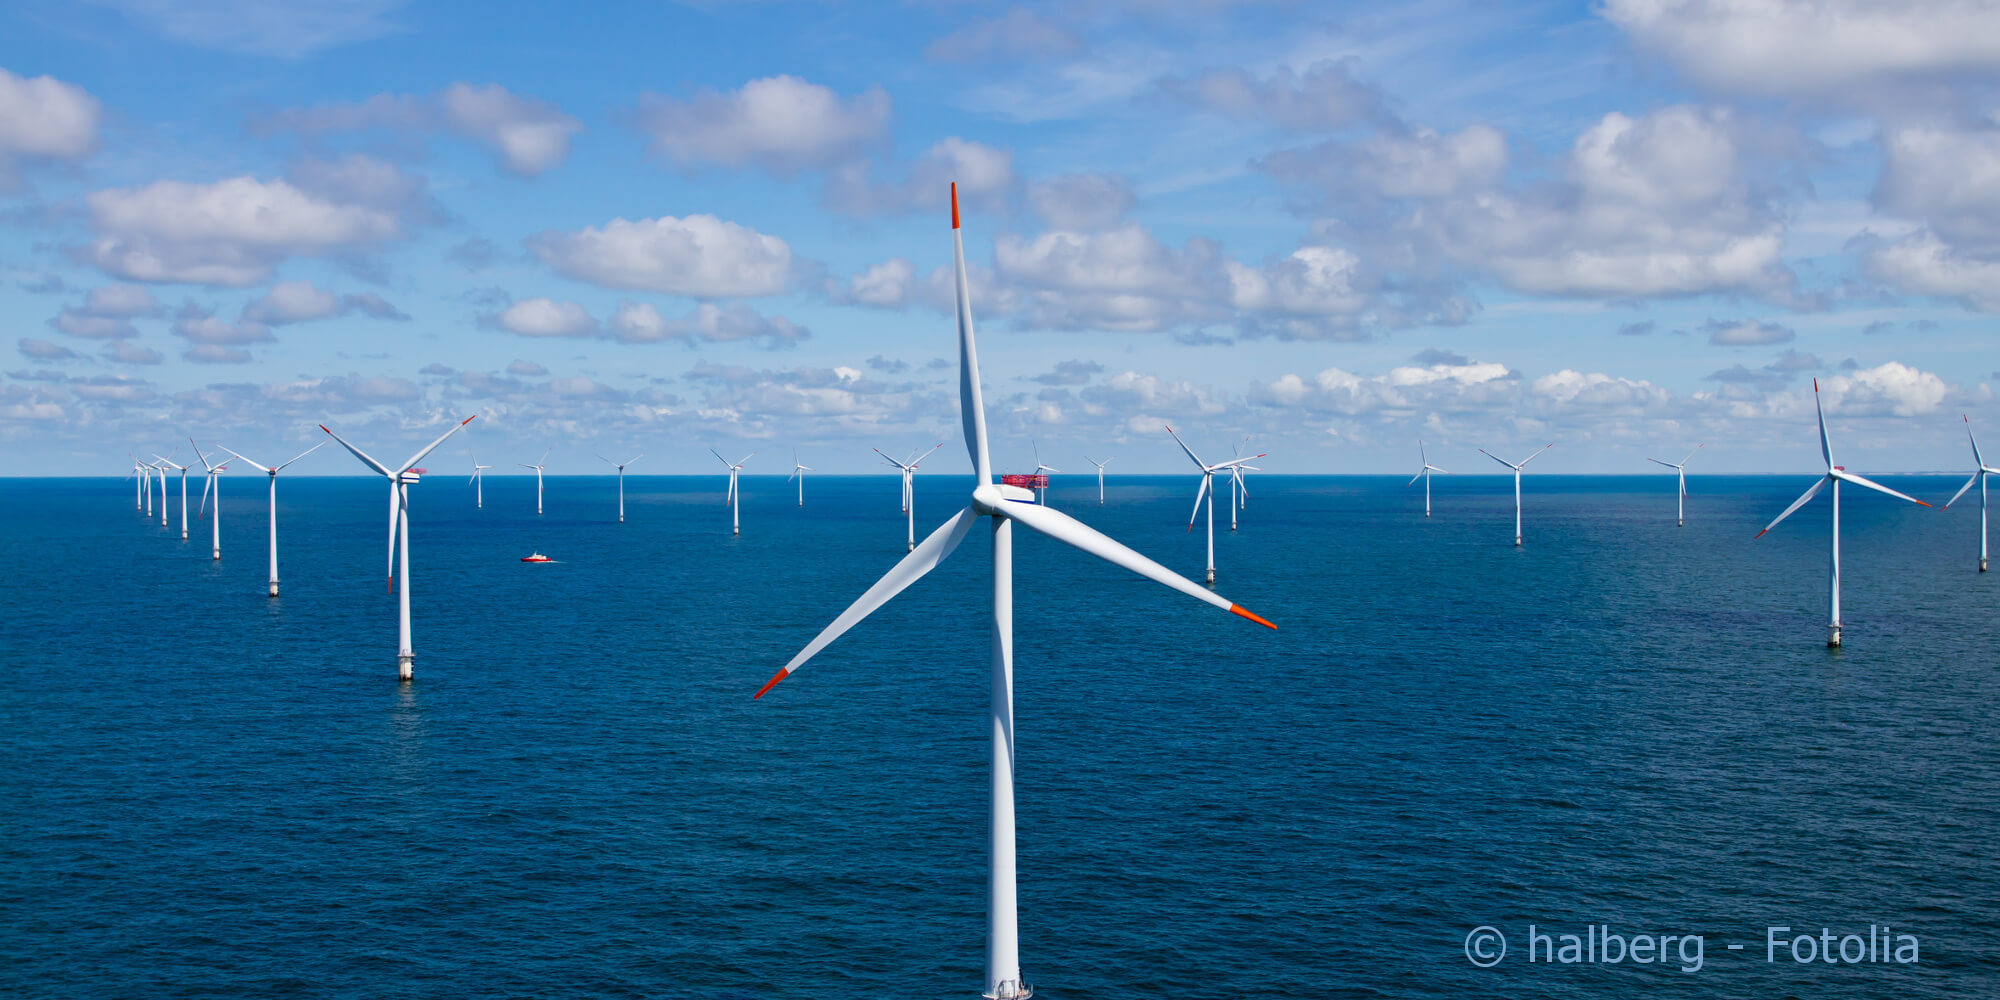 Supraleitender Generator für Windkraftanlagen der nächsten